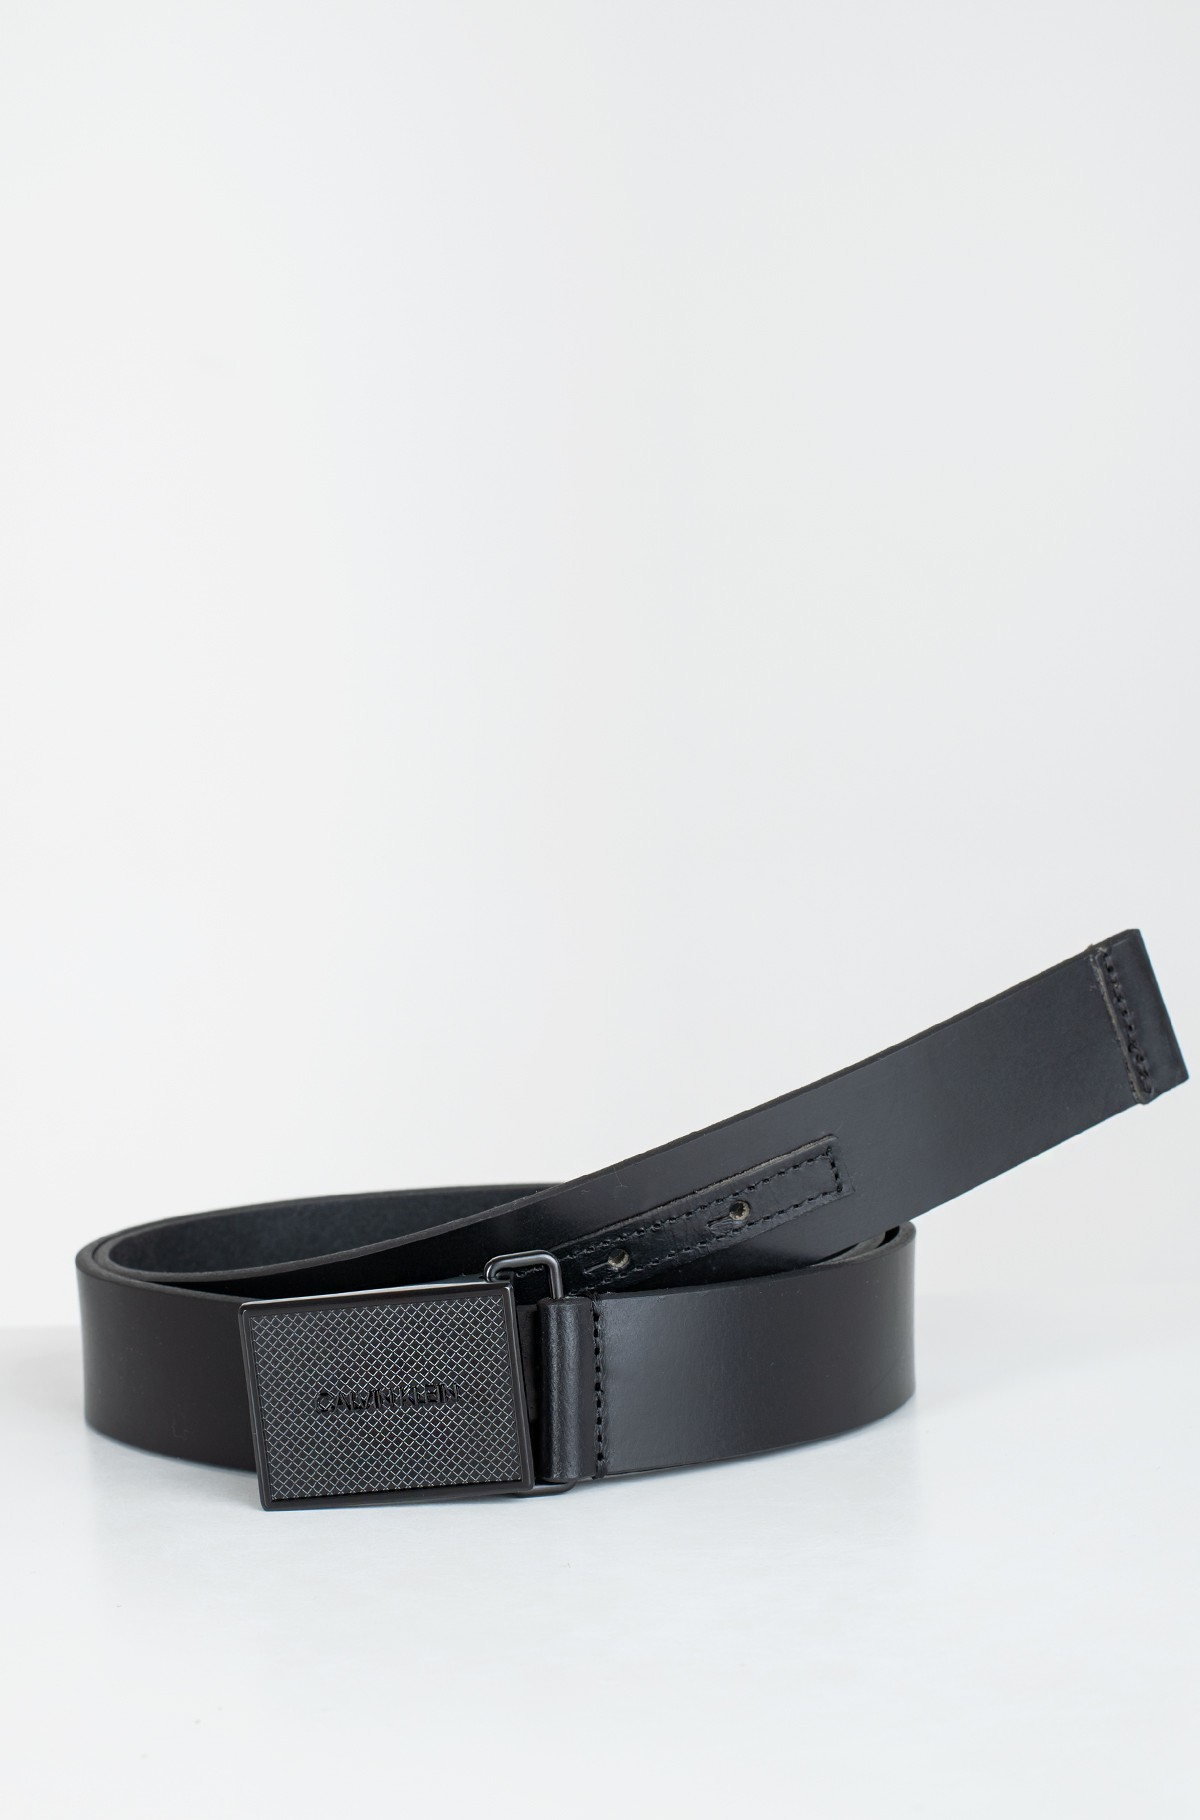 Belt PIQUE METAL PLAQUE TONAL 35MM-full-1